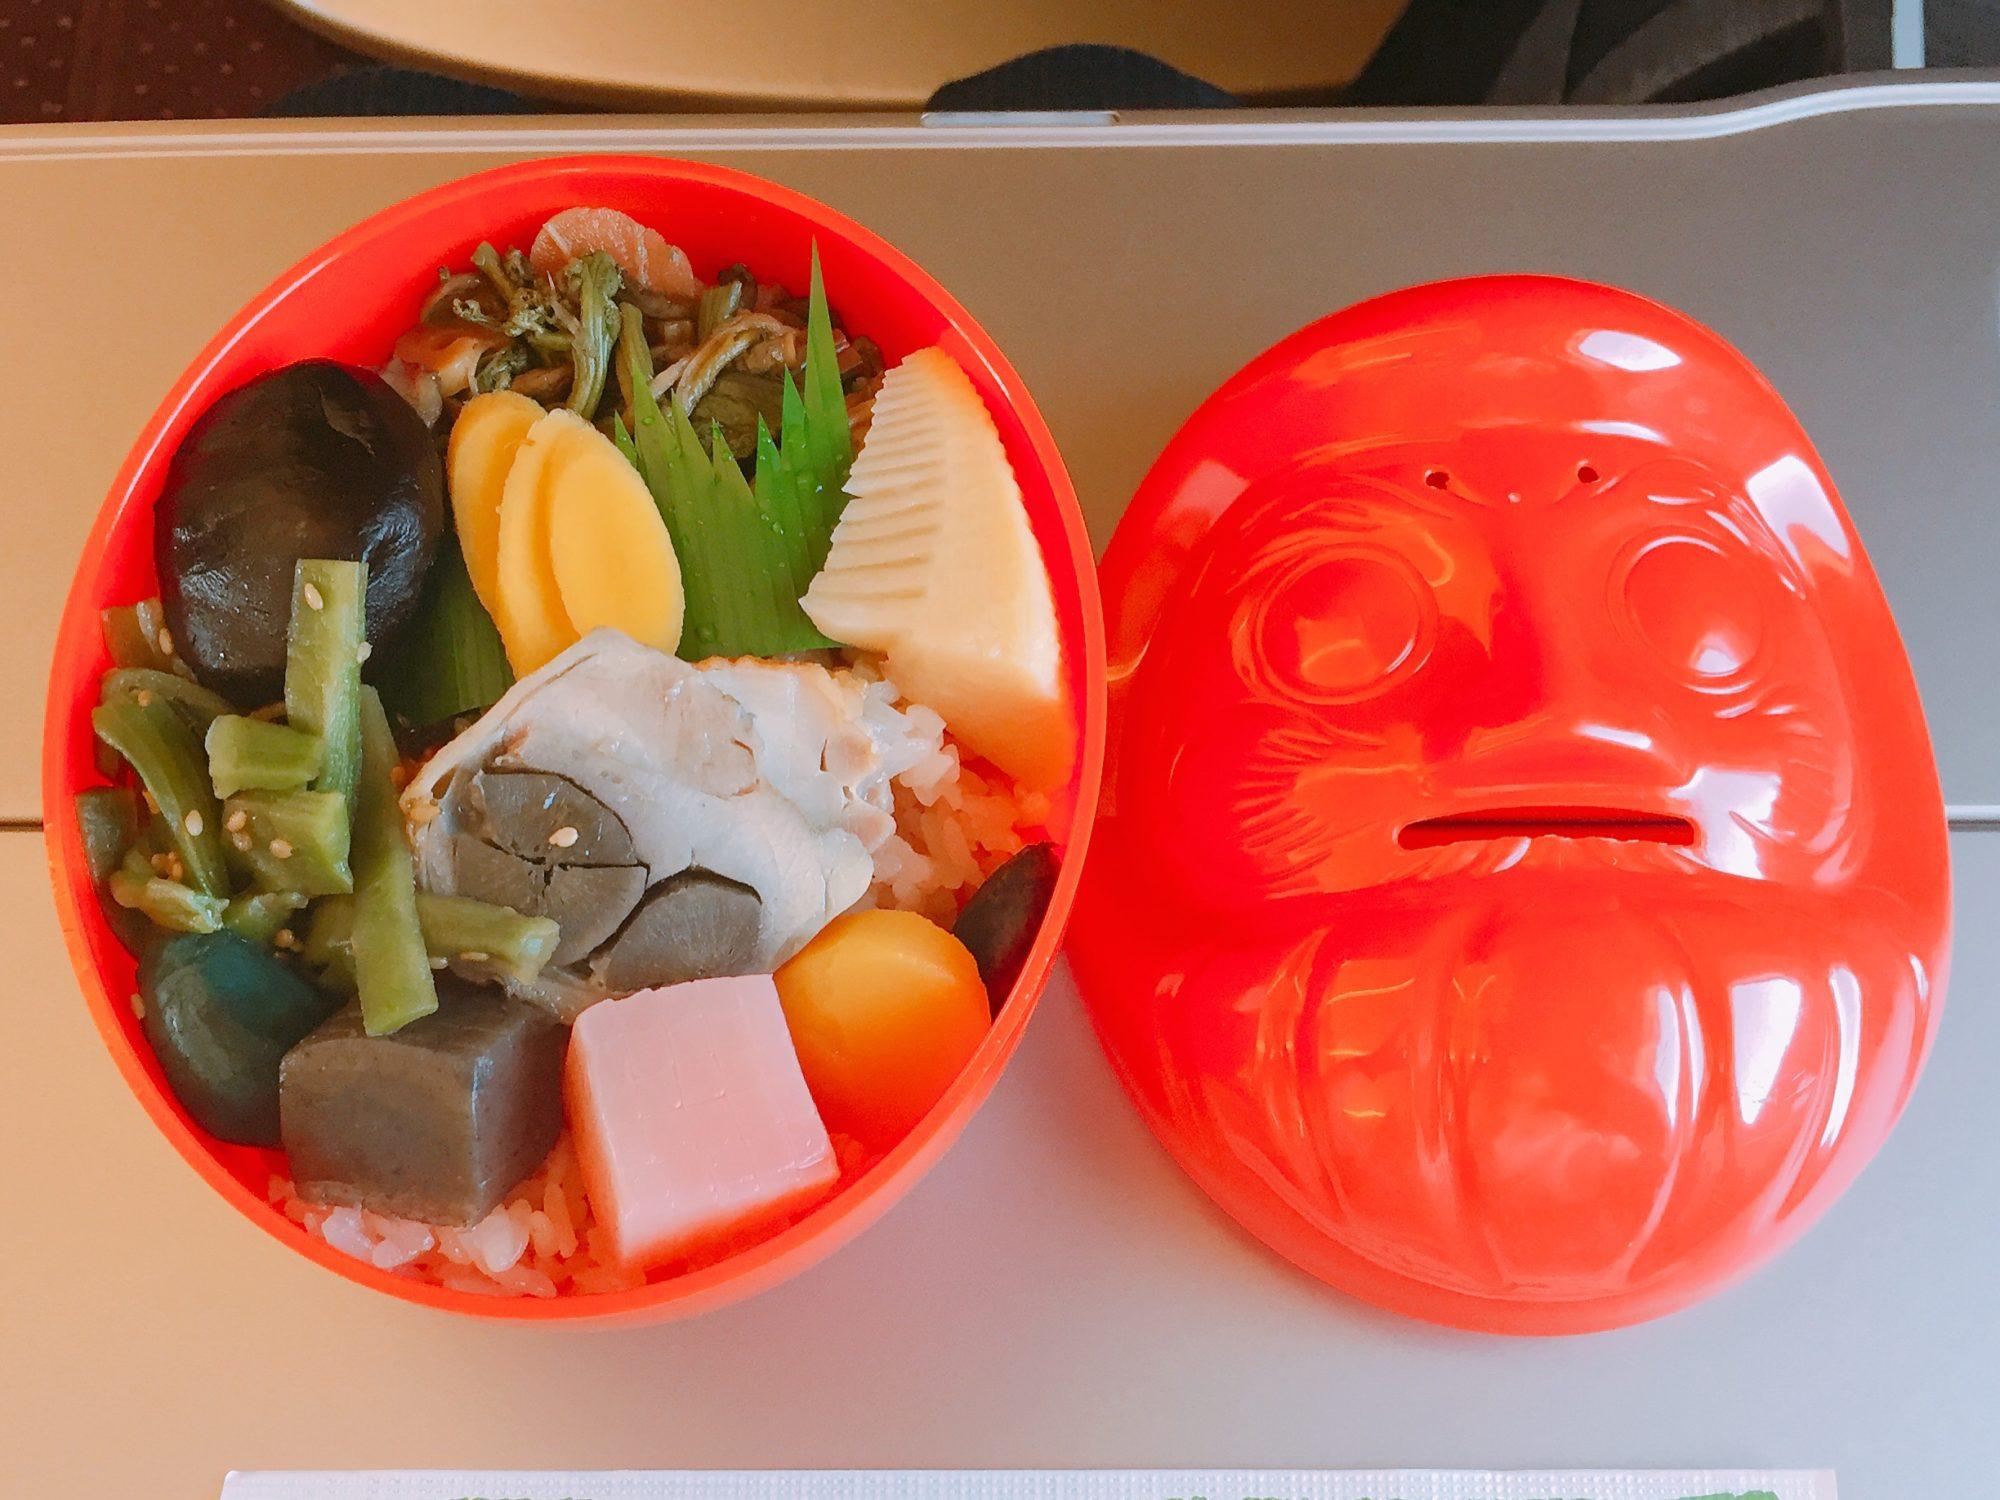 高崎の駅弁「だるま弁当」は推定600キロカロリー.美味しいですがご飯が多いです.